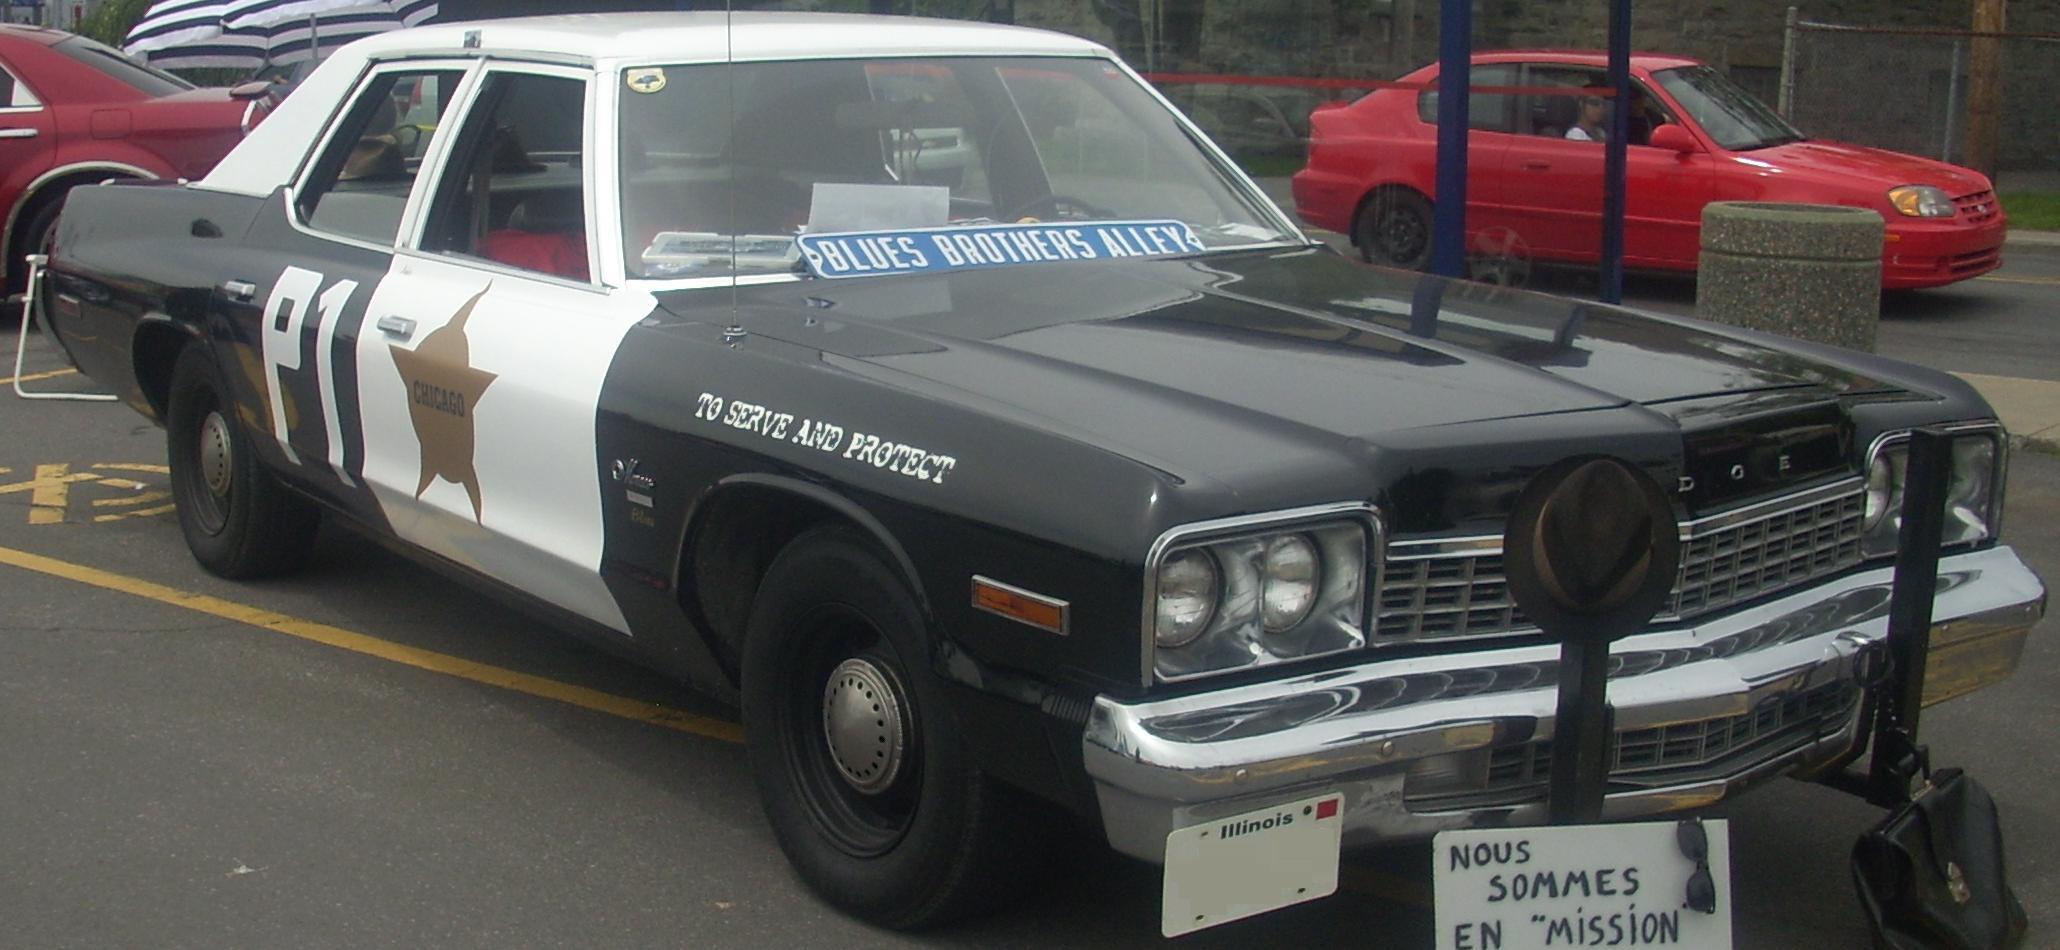 Dodge Monaco - Wikipedia